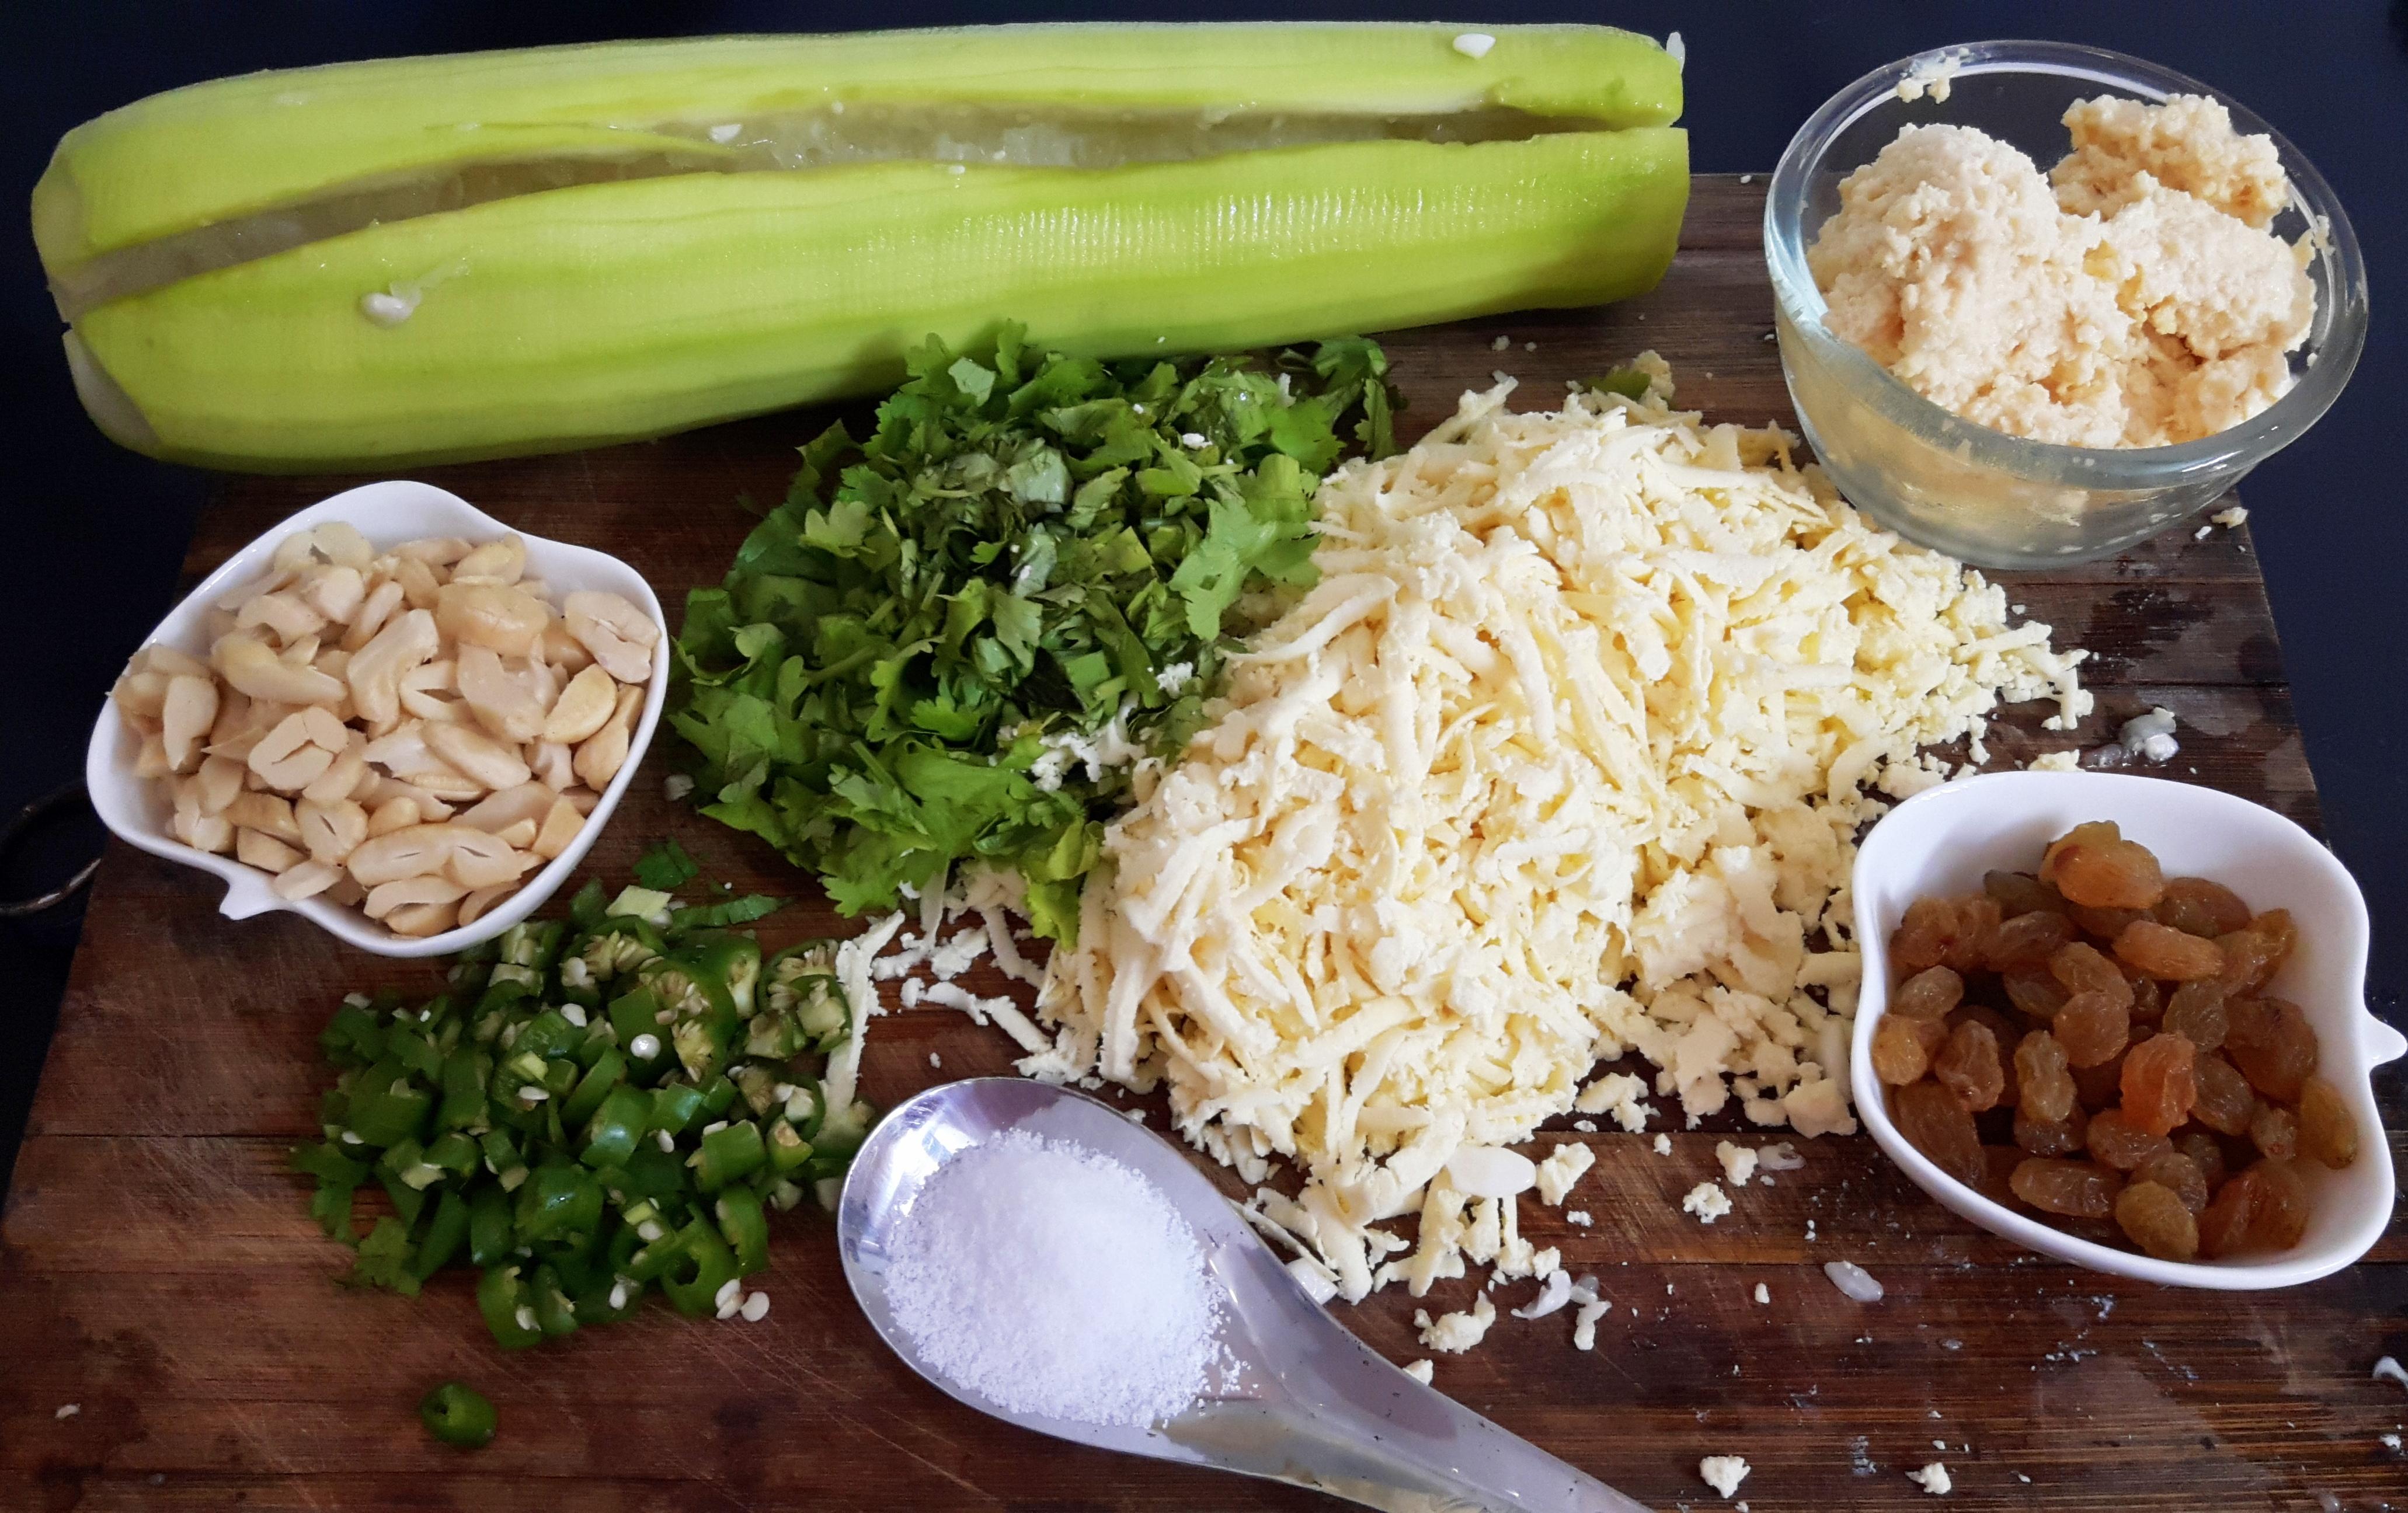 prepared stuffing ingredients